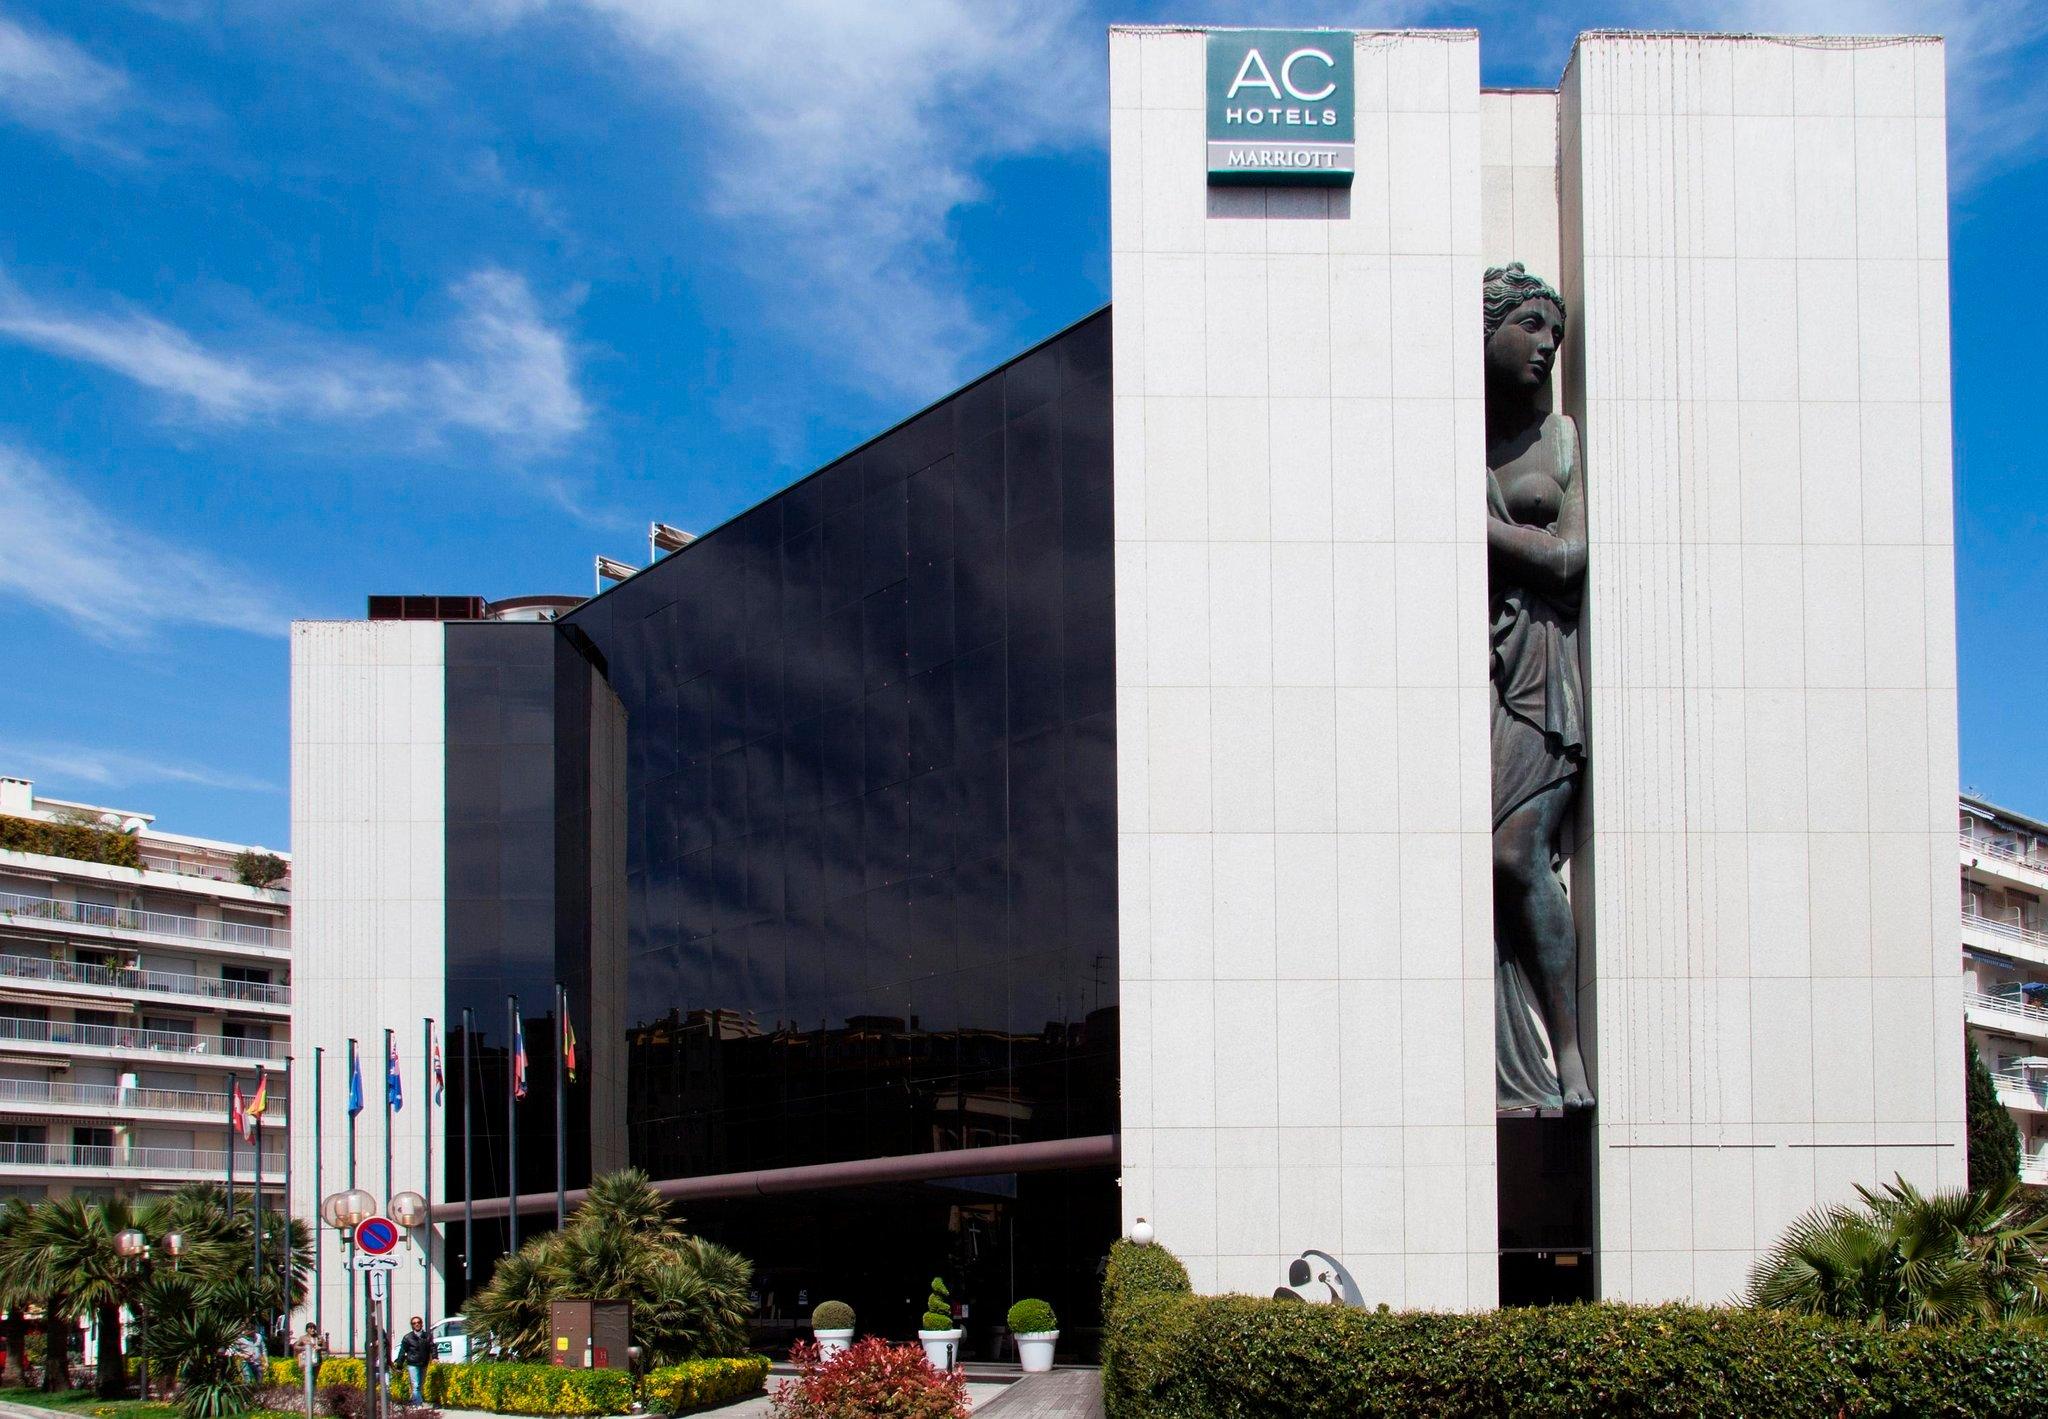 尼斯萬豪 AC 飯店